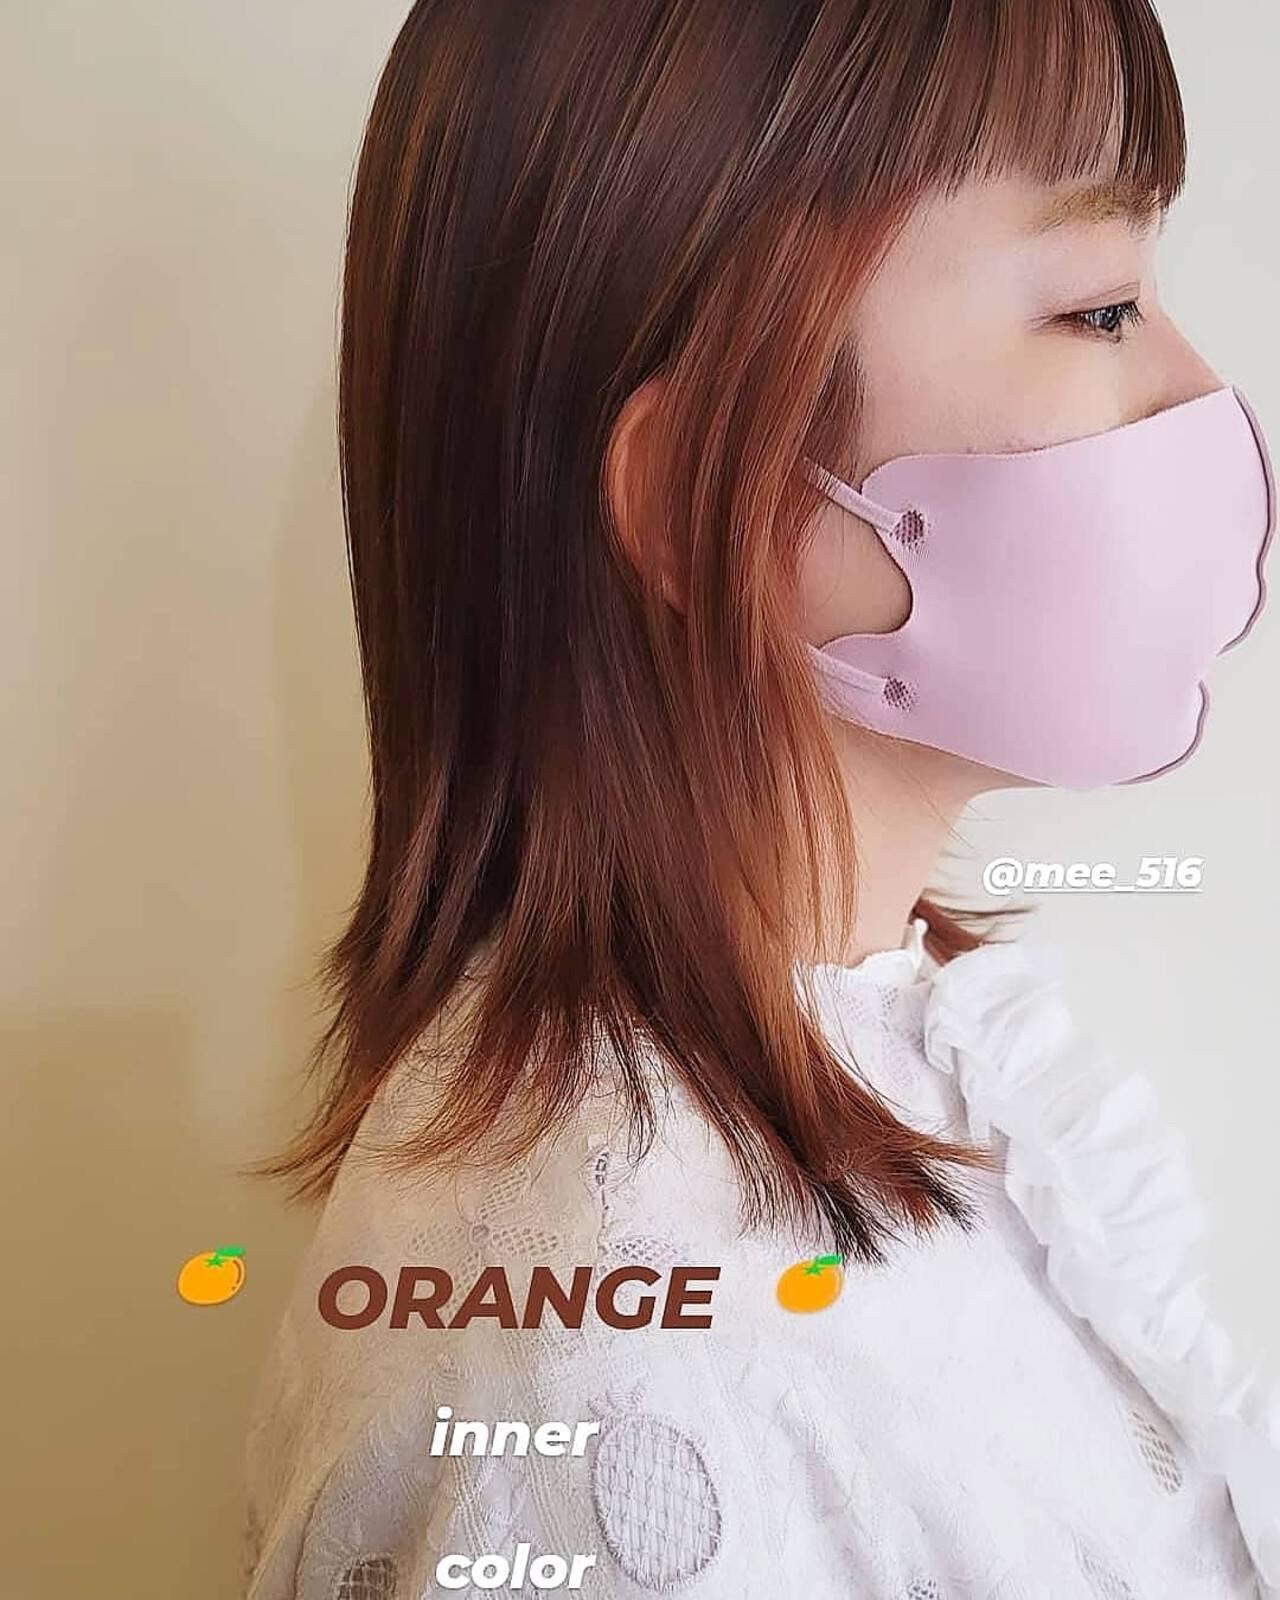 インナーカラーオレンジ オレンジカラー セミロング ストリートヘアスタイルや髪型の写真・画像